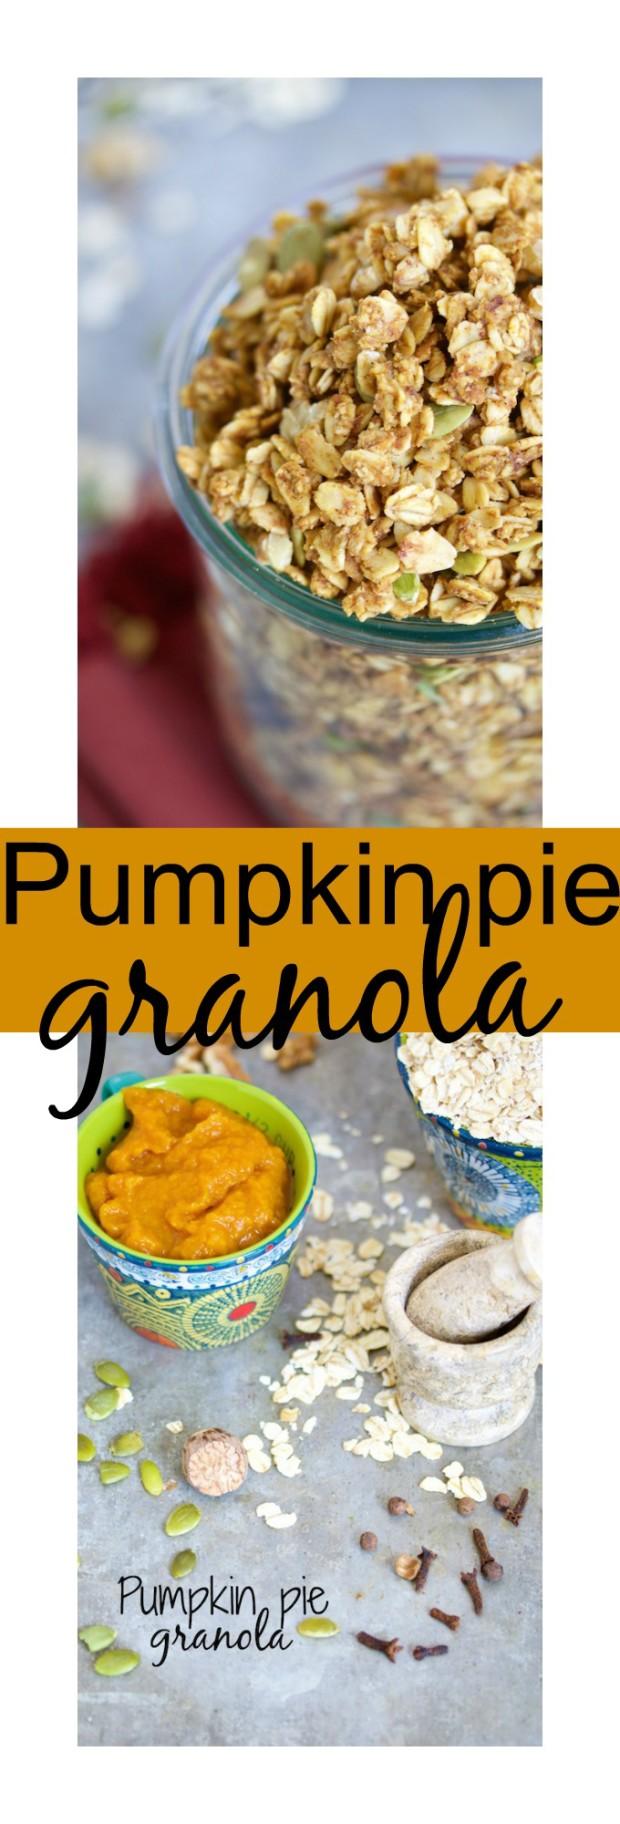 Deliciosa granola con sabor a pie de calabaza. Te prometo que el desayuno va a saber a postre!